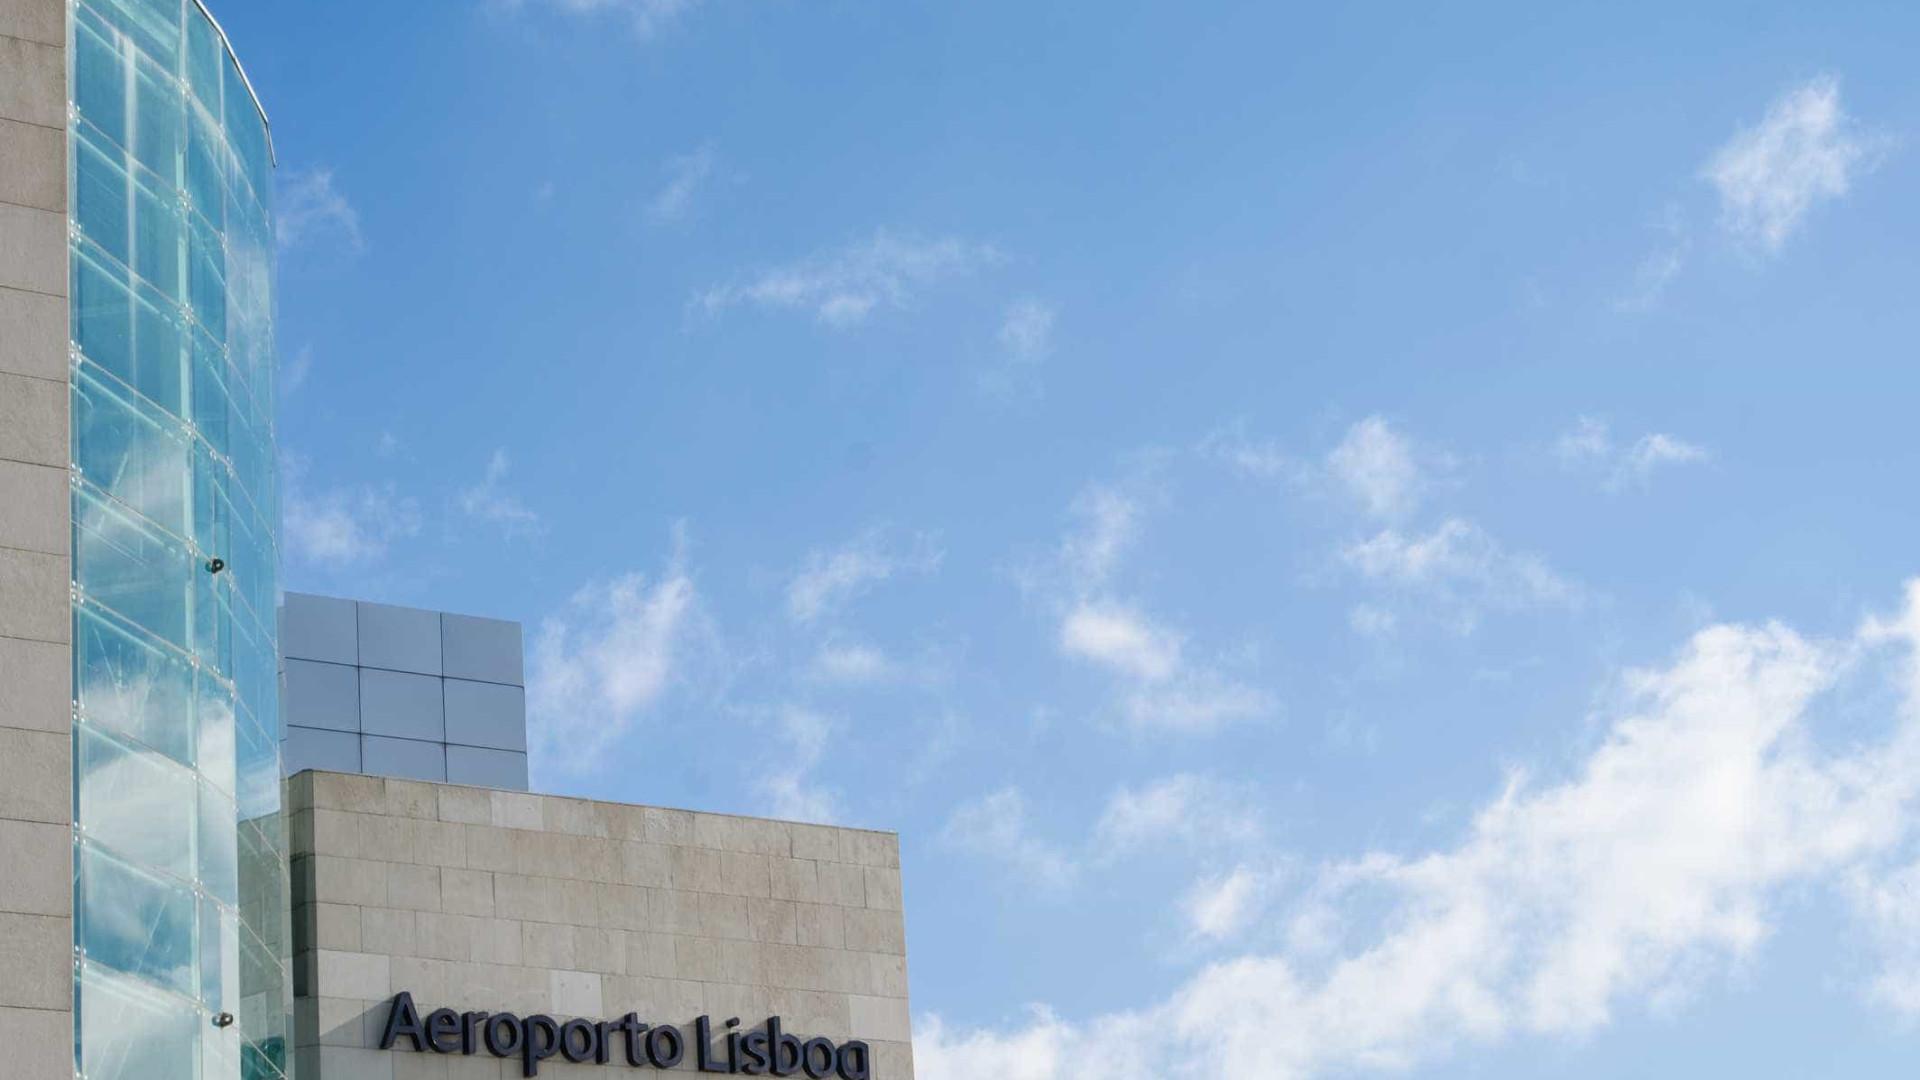 ANAC suspende atualização das tarifas para o aeroporto de Lisboa